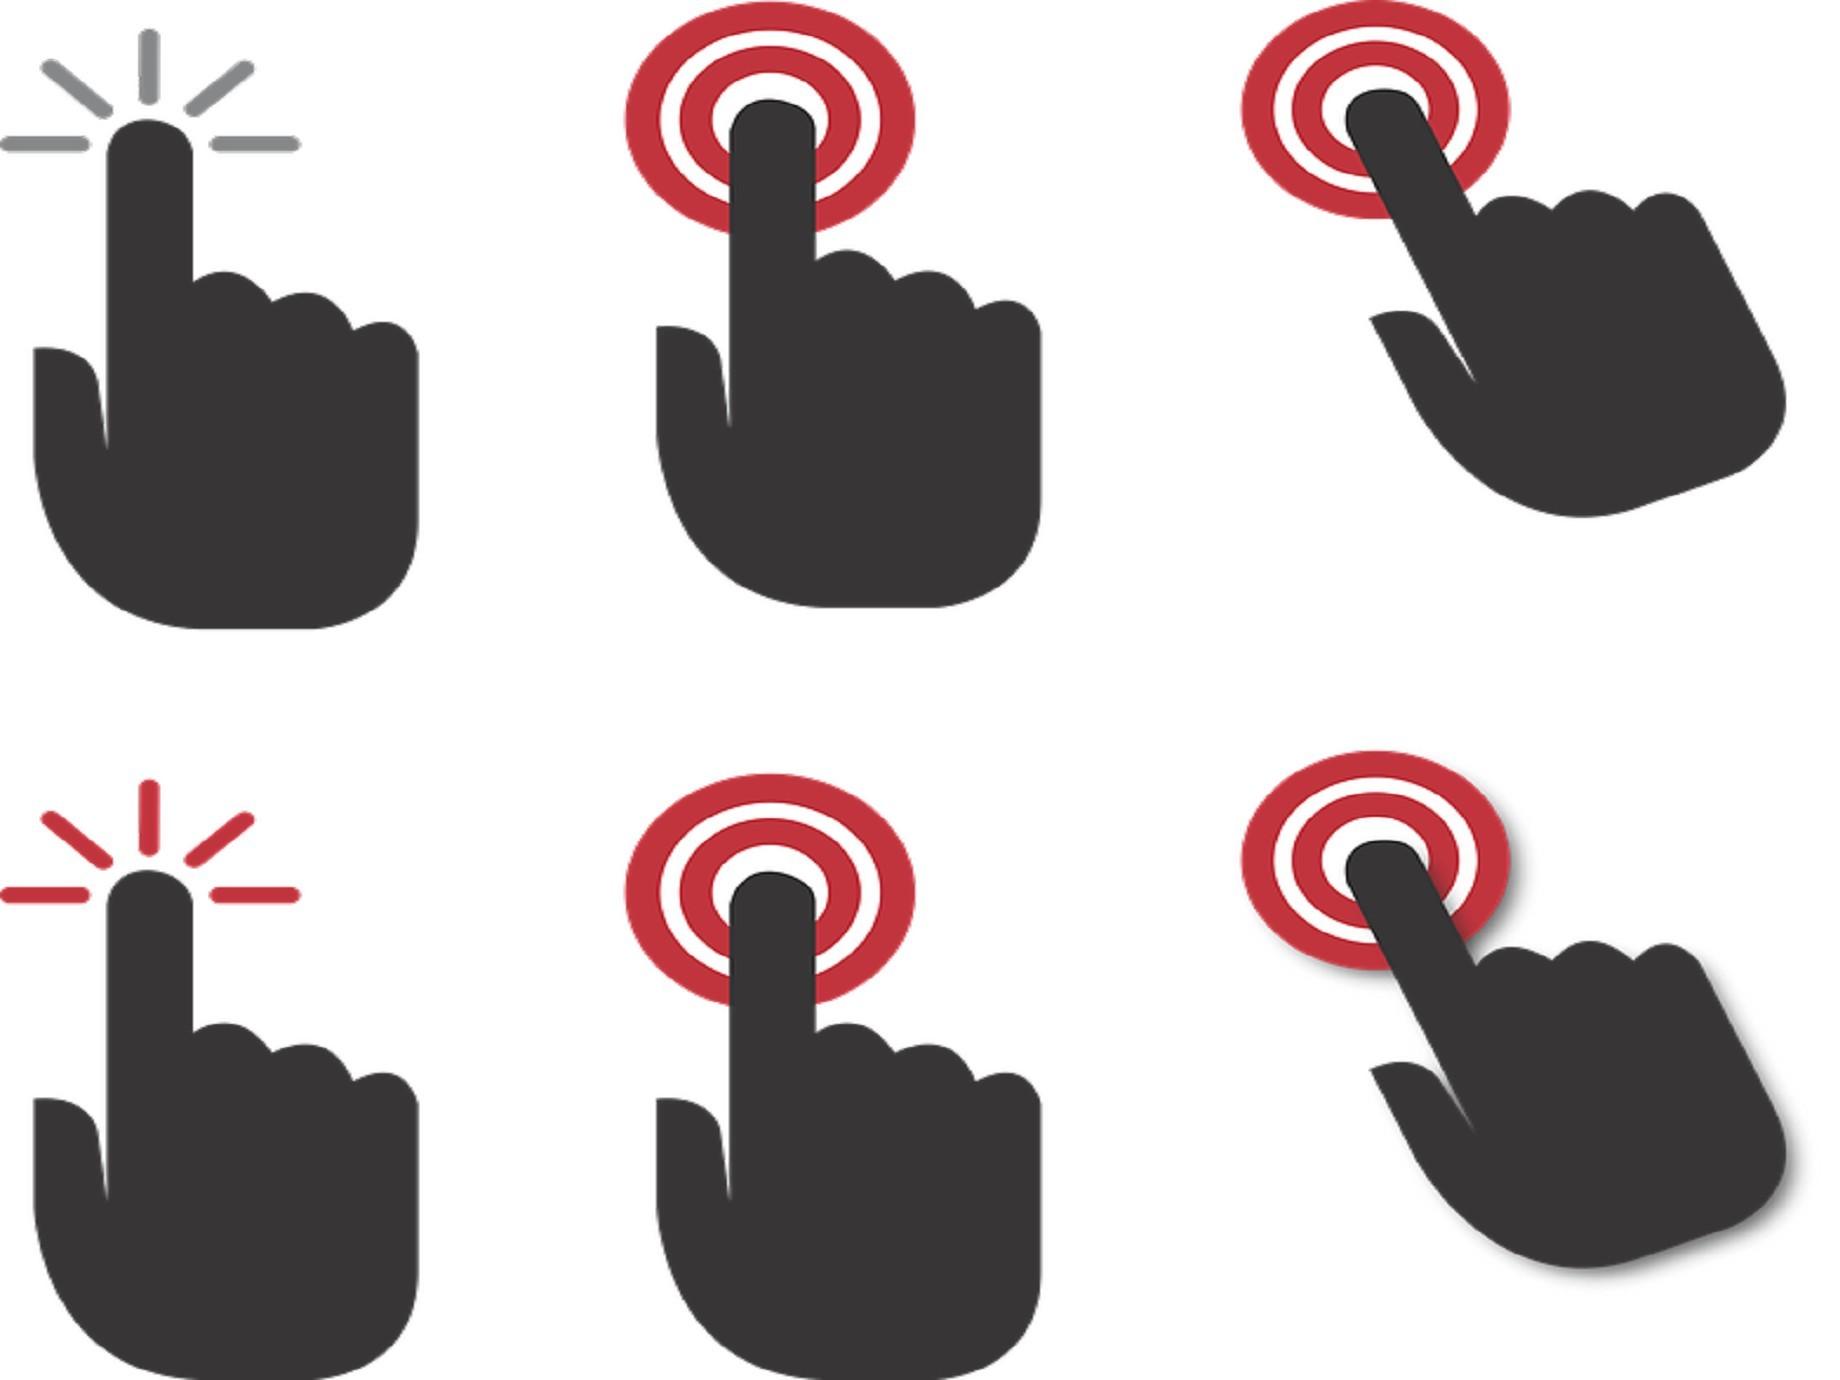 總是手癢想去點,創造互動式內容行銷的4大理由